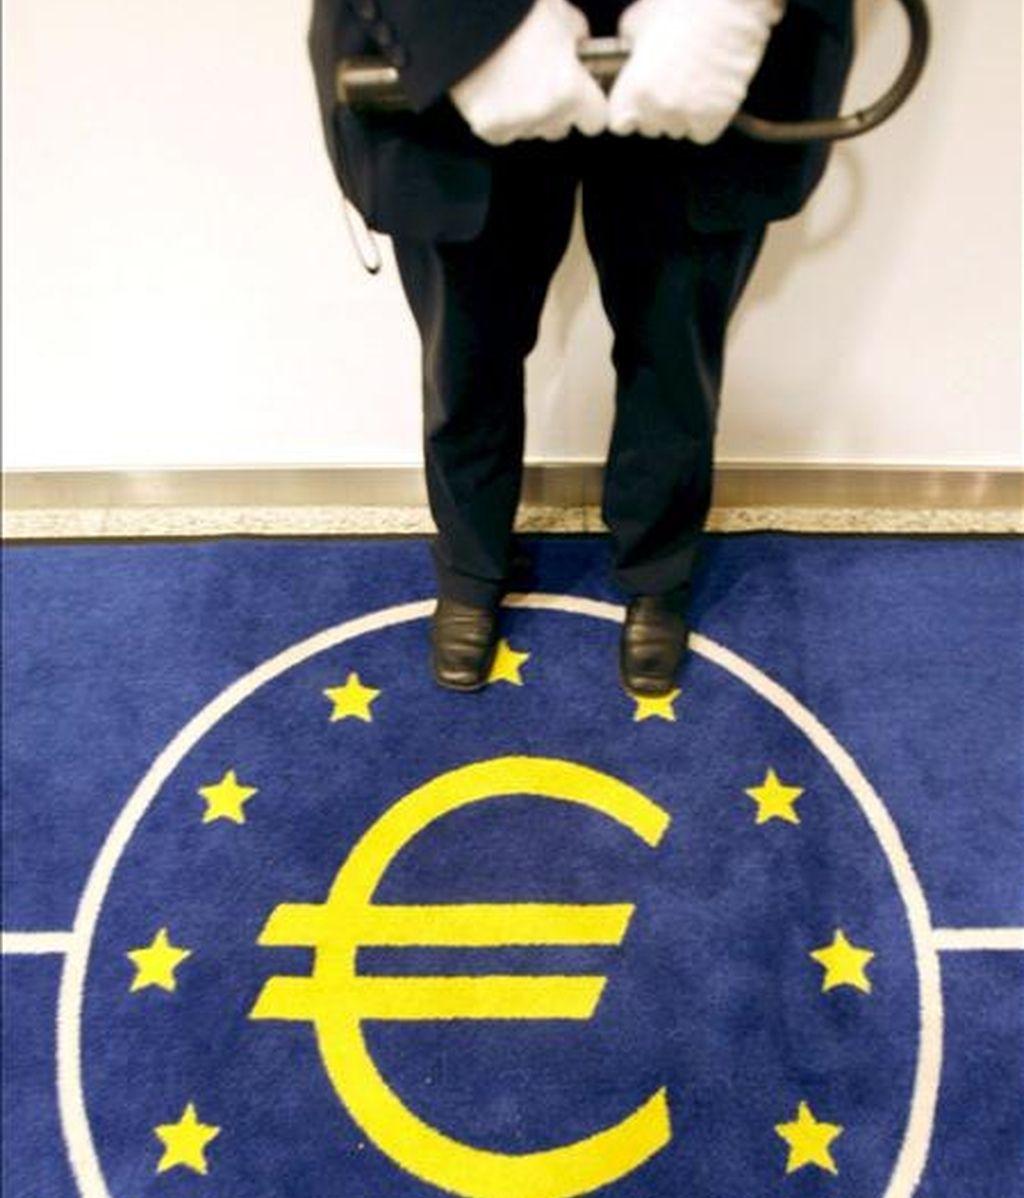 La economía de la zona euro se redujo un 2,5 por ciento en el primer trimestre del año, la peor cifra desde el inicio de los registros en 1995. EFE/Archivo